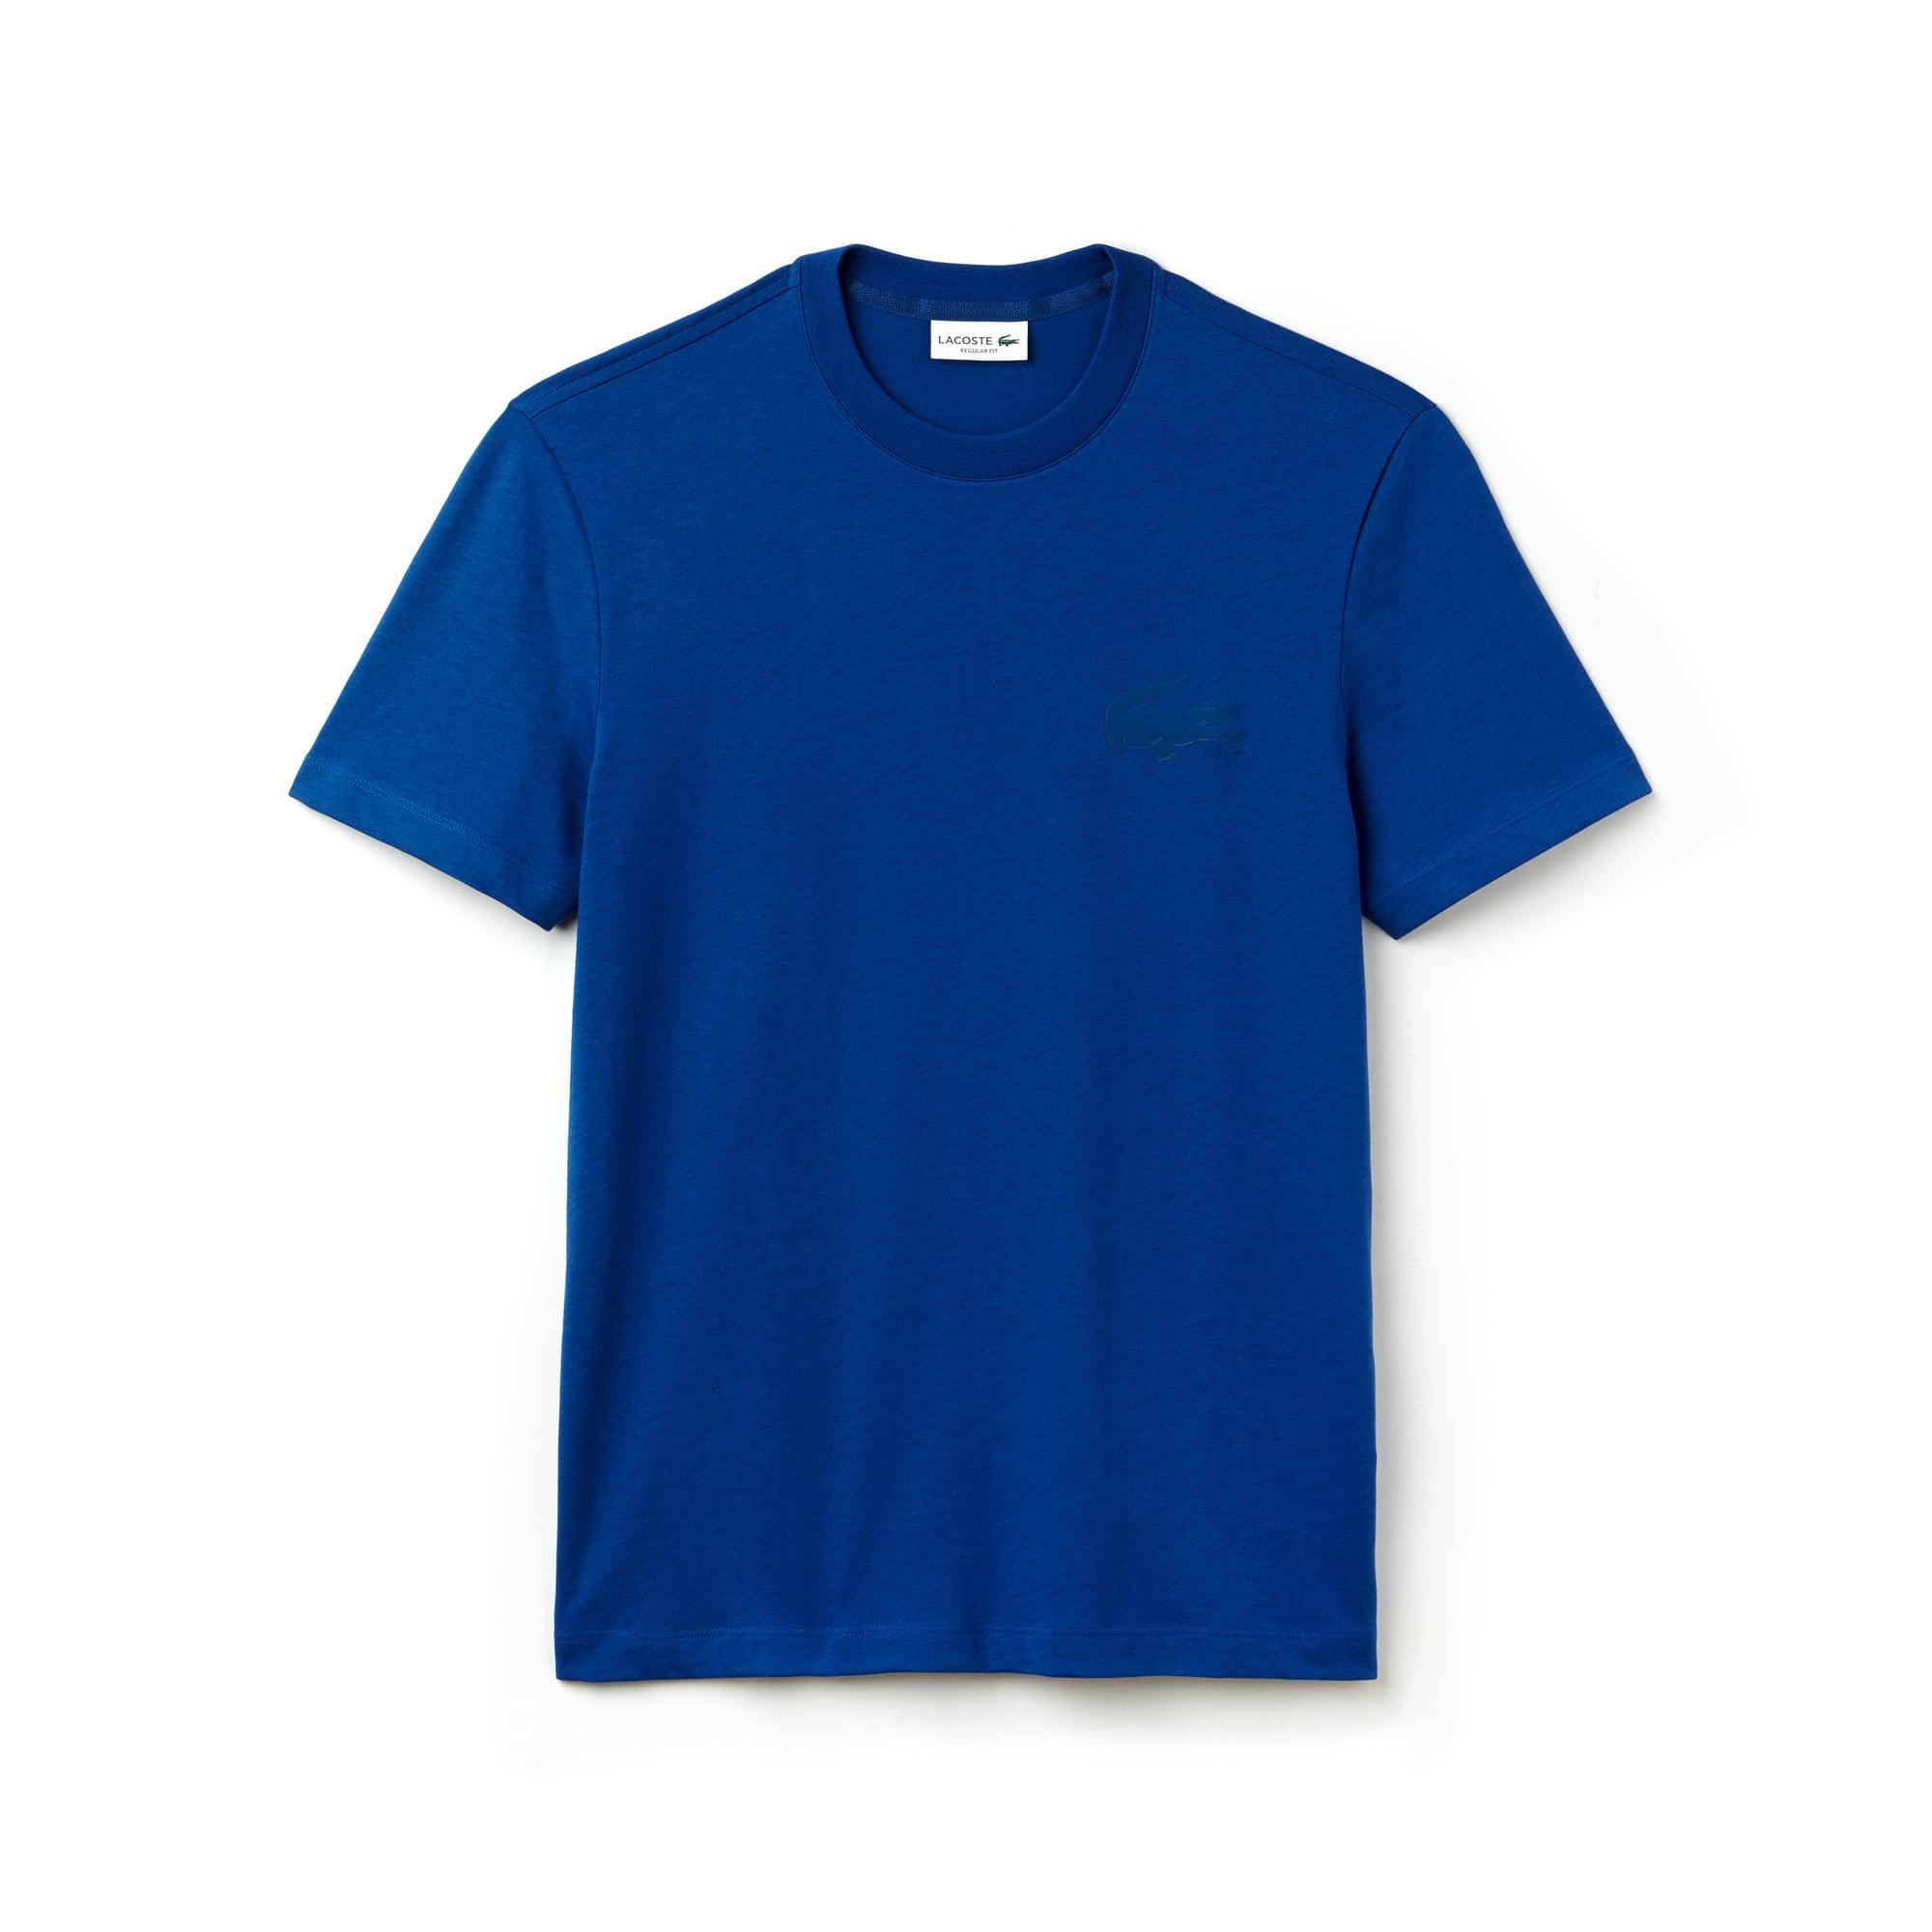 Men's Crew Neck Crocodile Lettering Cotton Jersey T-shirt